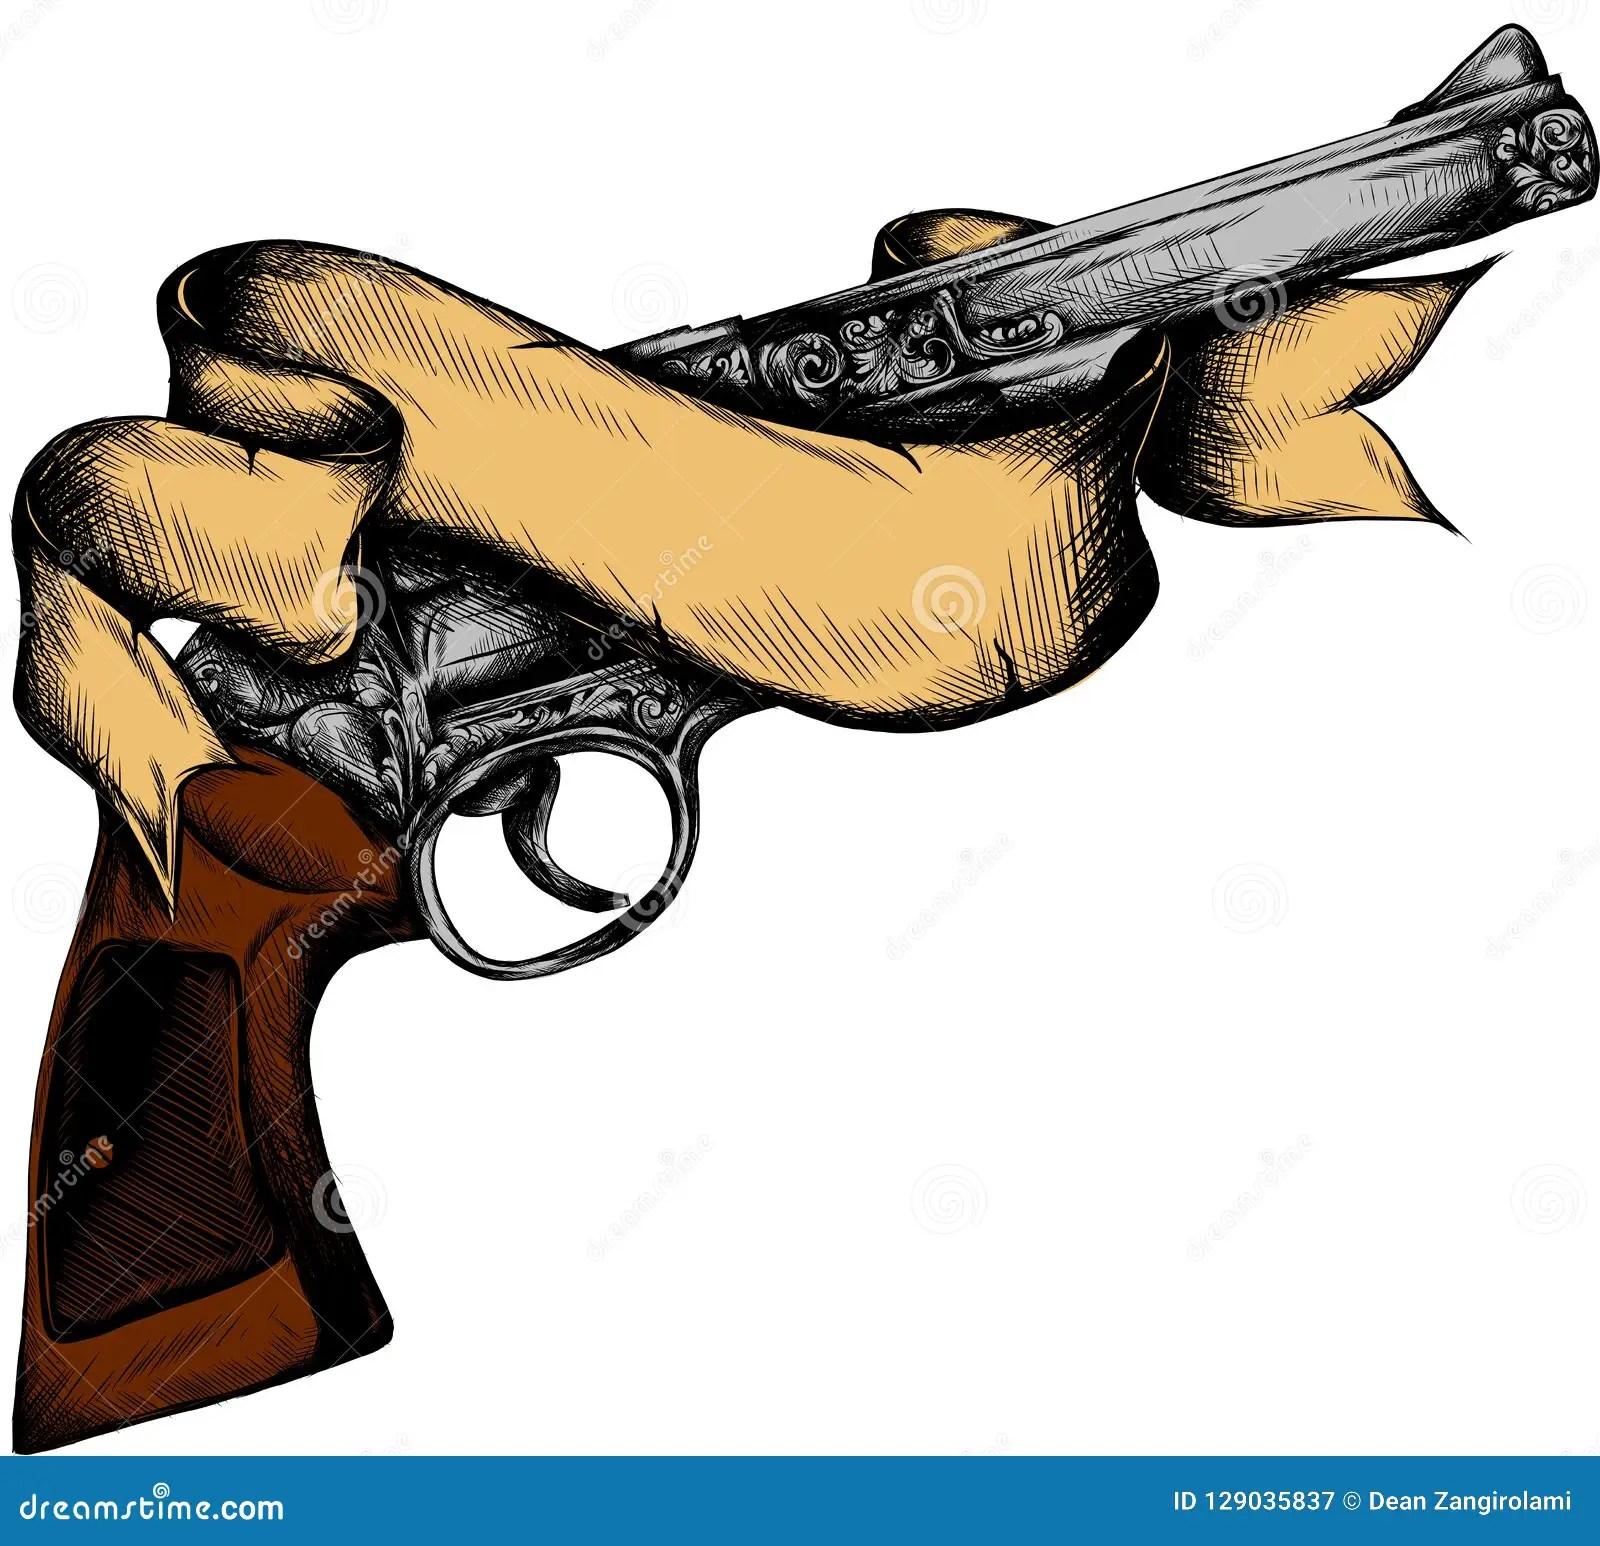 Diseño Tradicional Americano Del Tatuaje Arma Y Cinta Stock De